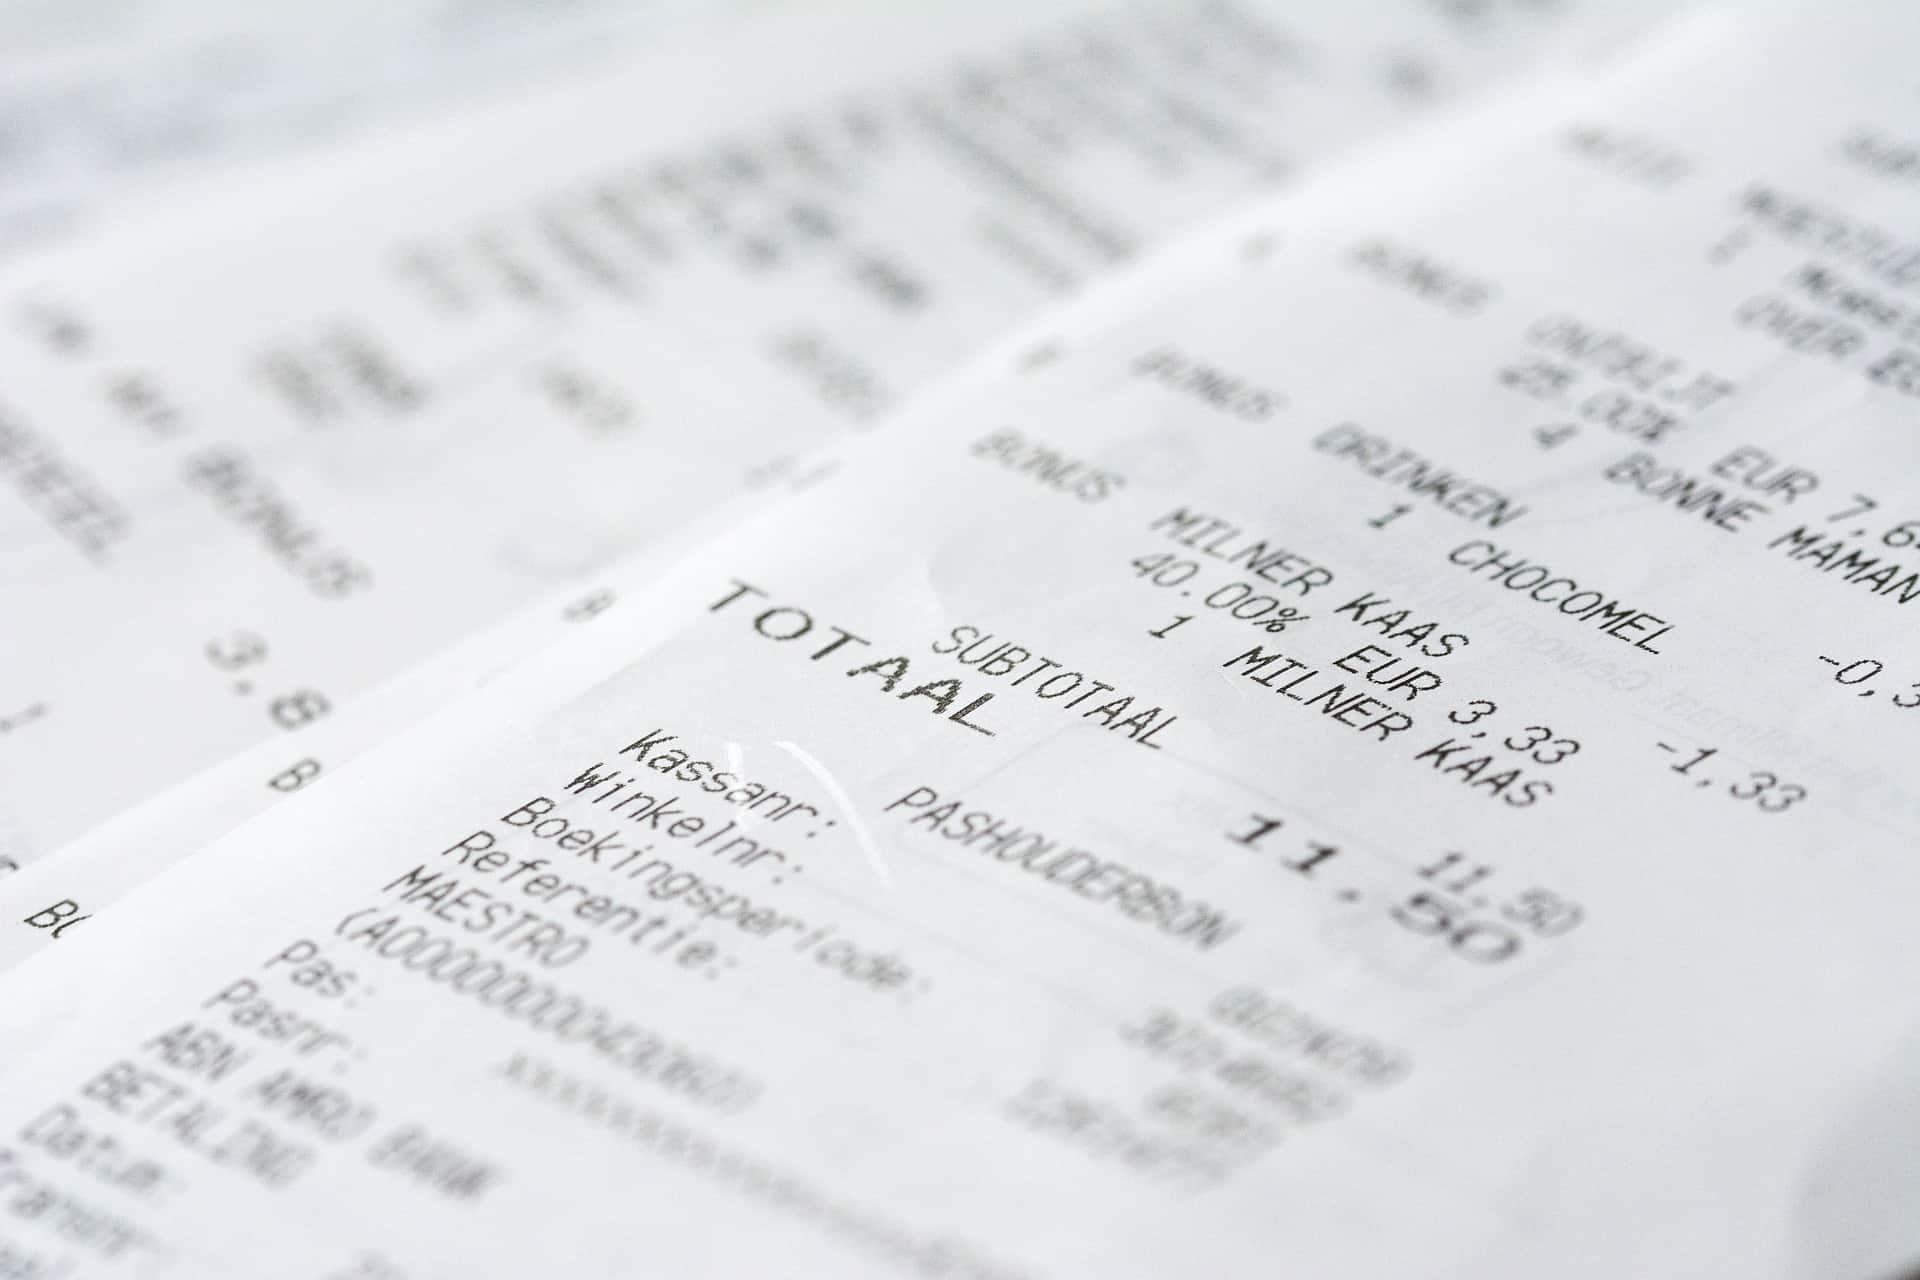 Kassenbonpflicht gegen Steuerbetrug